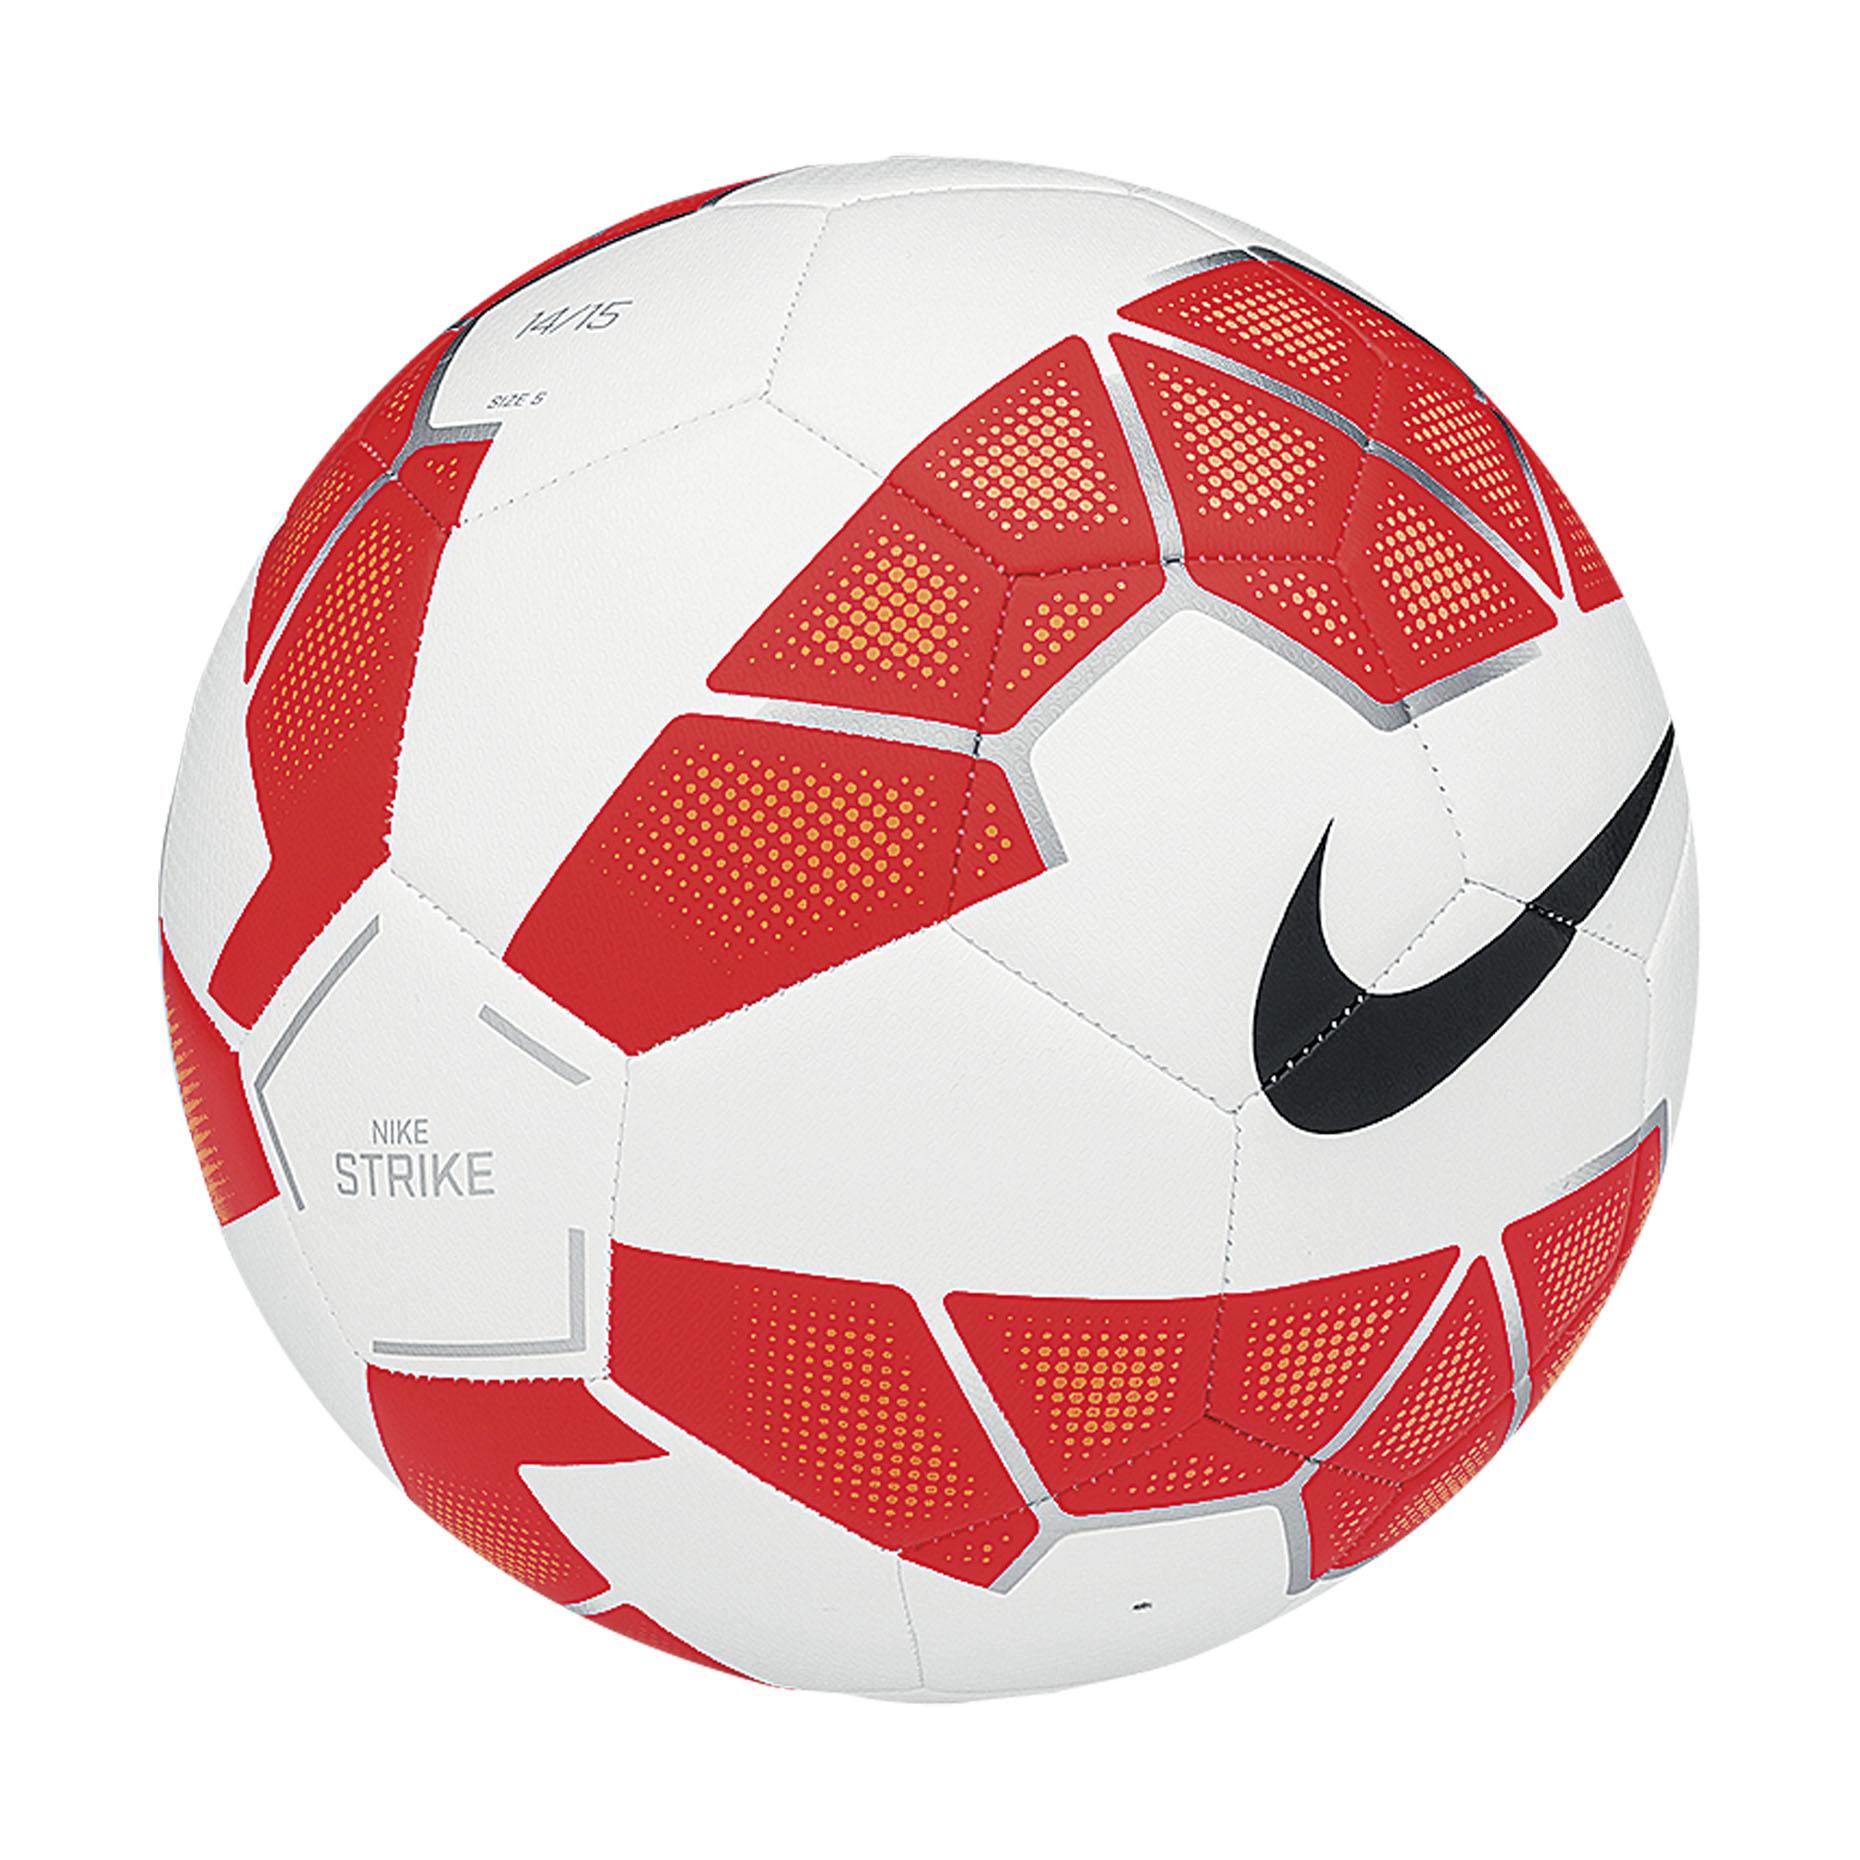 Футбольный мяч в пизду 6 фотография